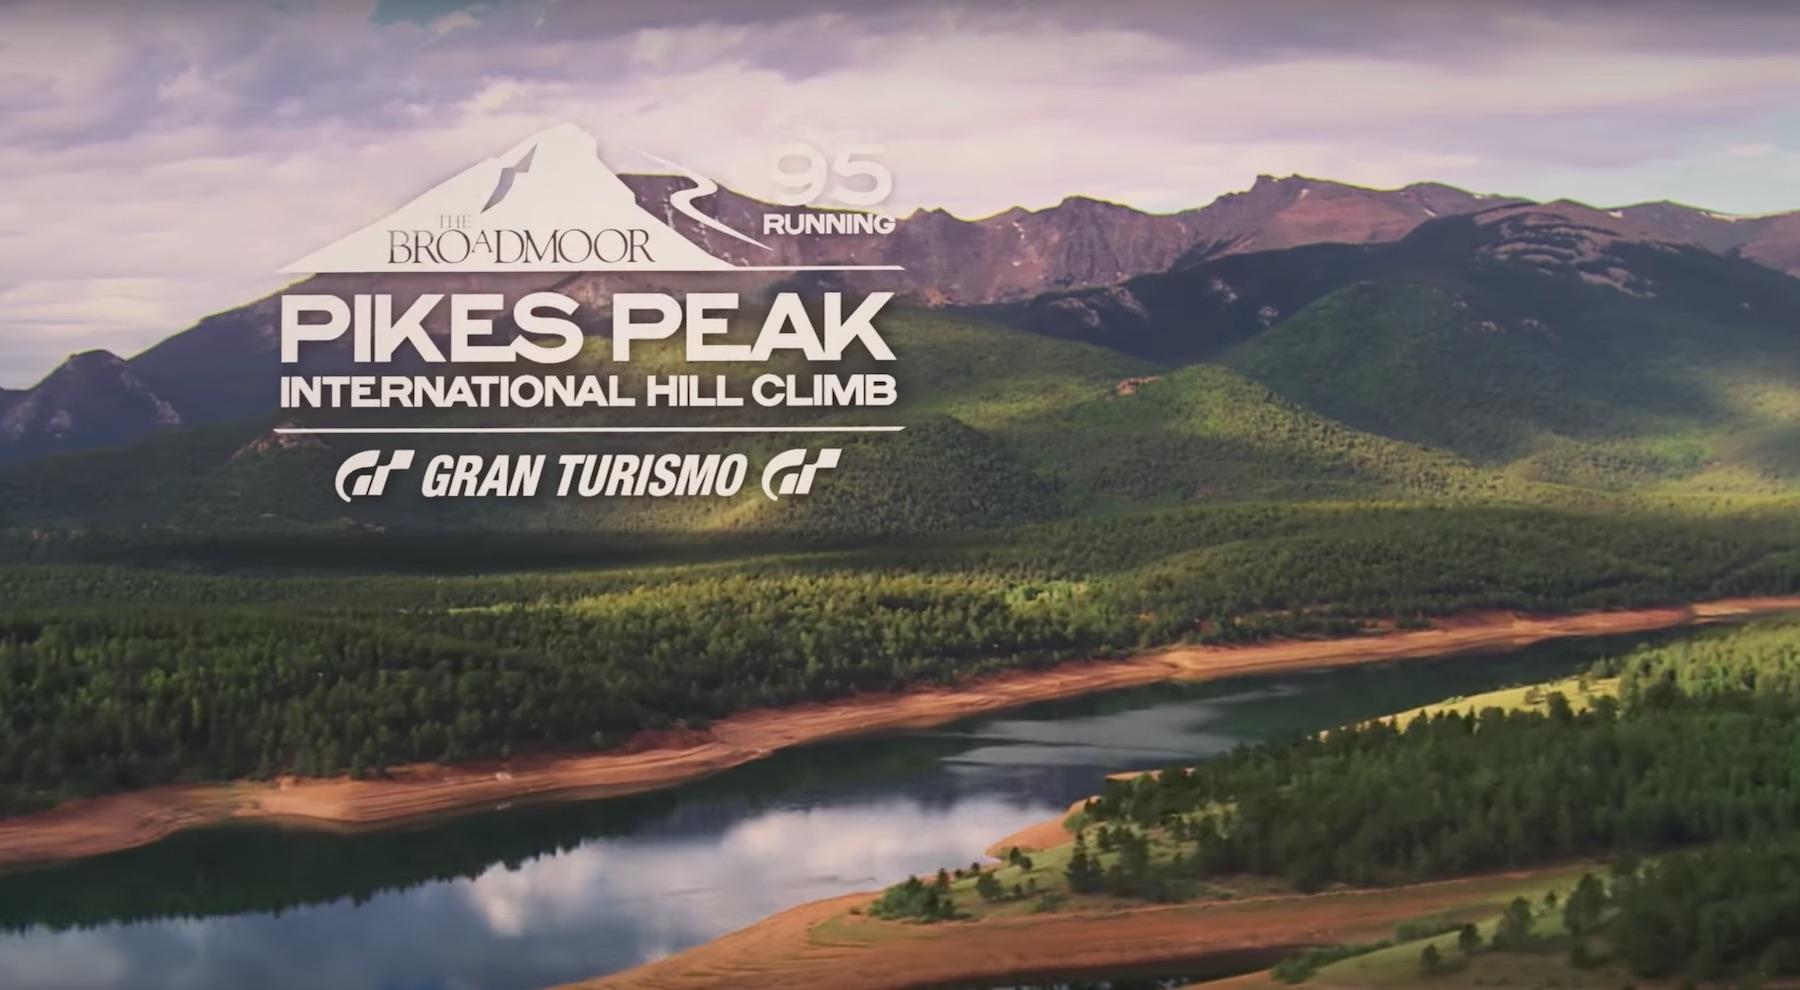 Pikes Peak en directo, con representación española y el reto de KTM